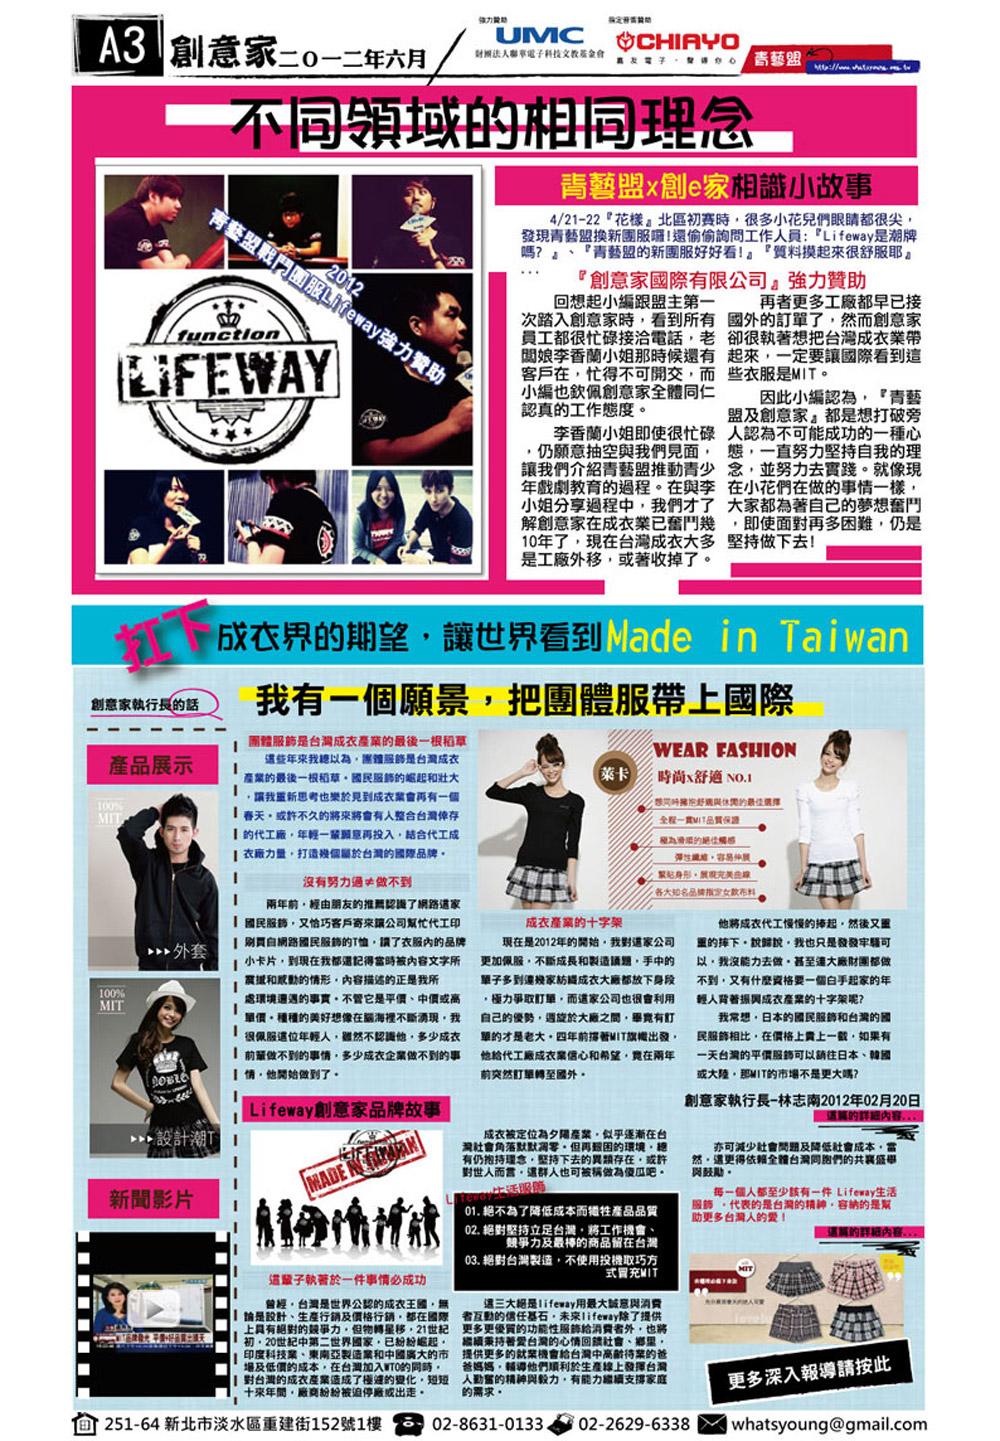 創意家團體服&lifeway機能服飾-贊助2012花樣年華全國青少年戲劇節~~